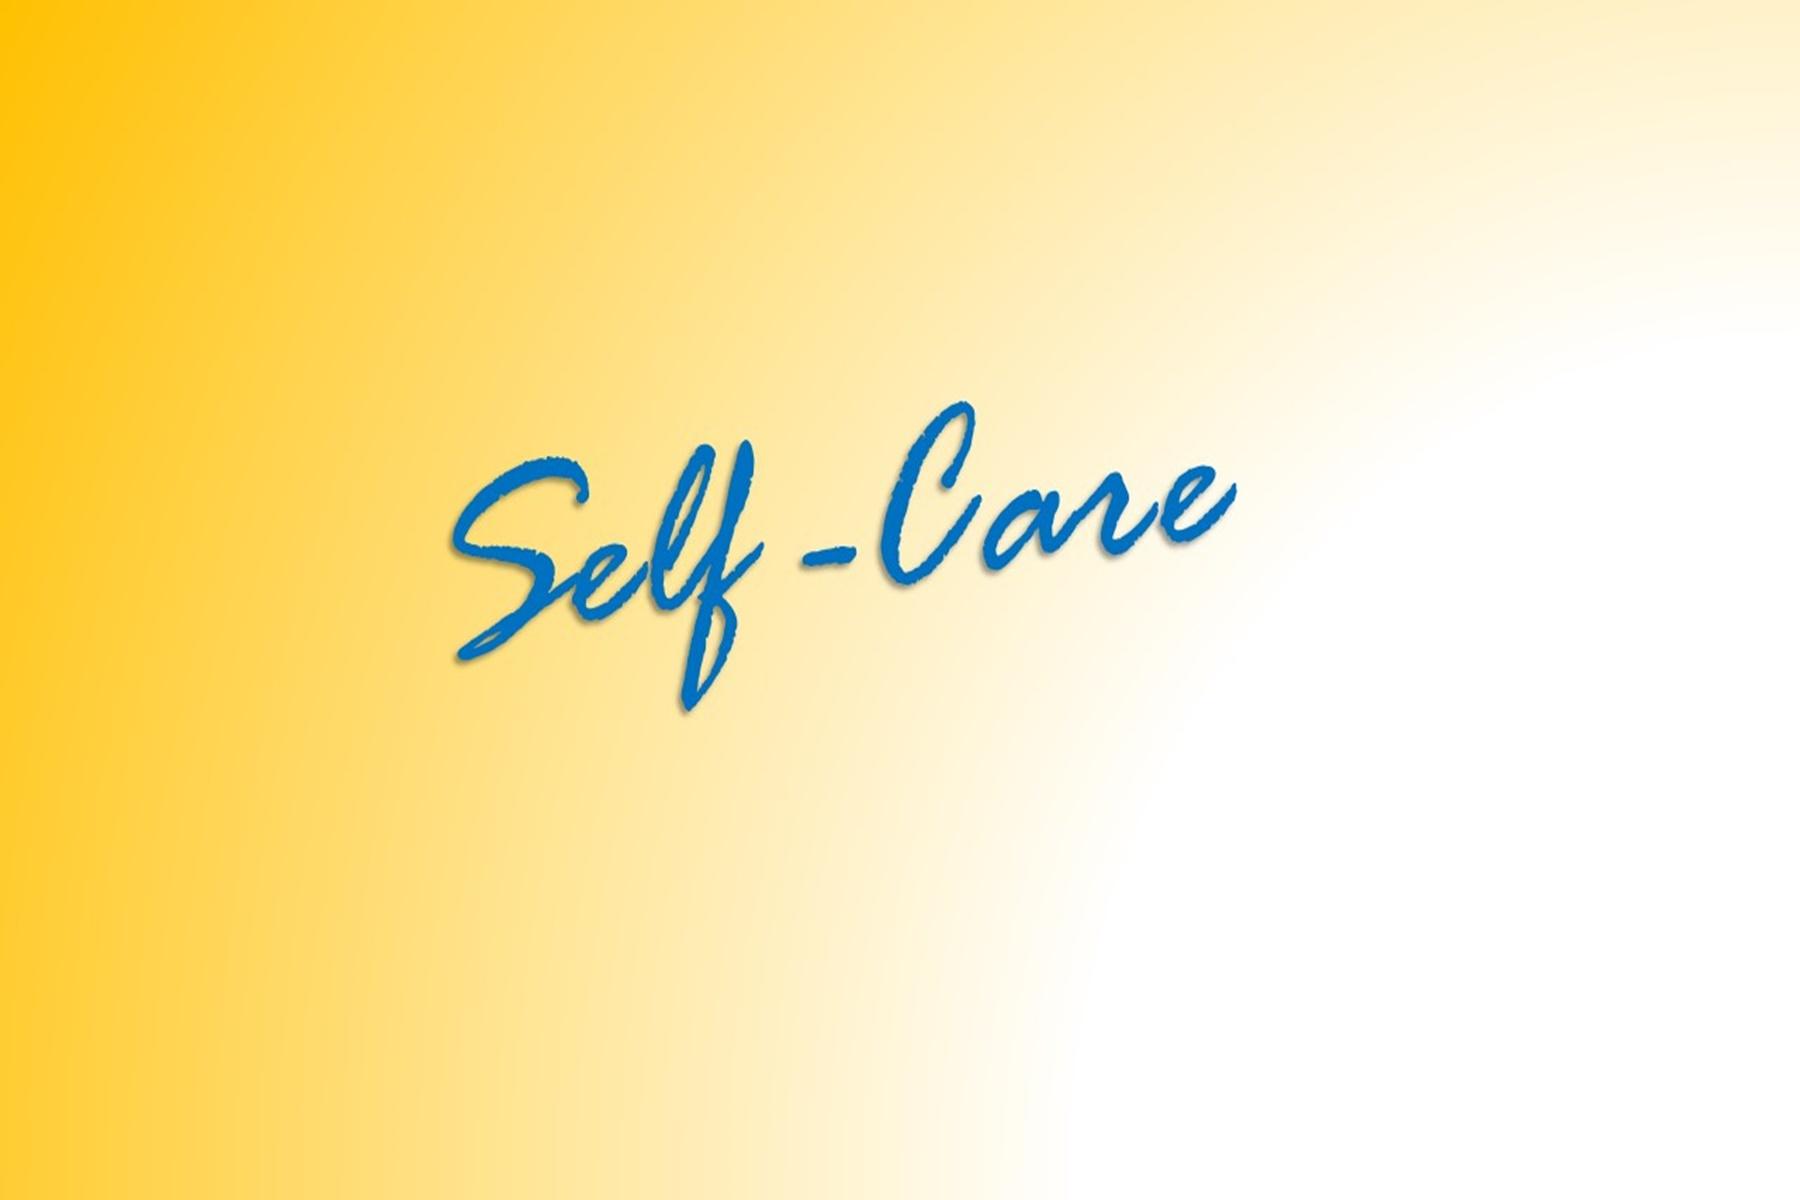 Αυτοφροντίδα: Πρακτικές για να την πετύχετε